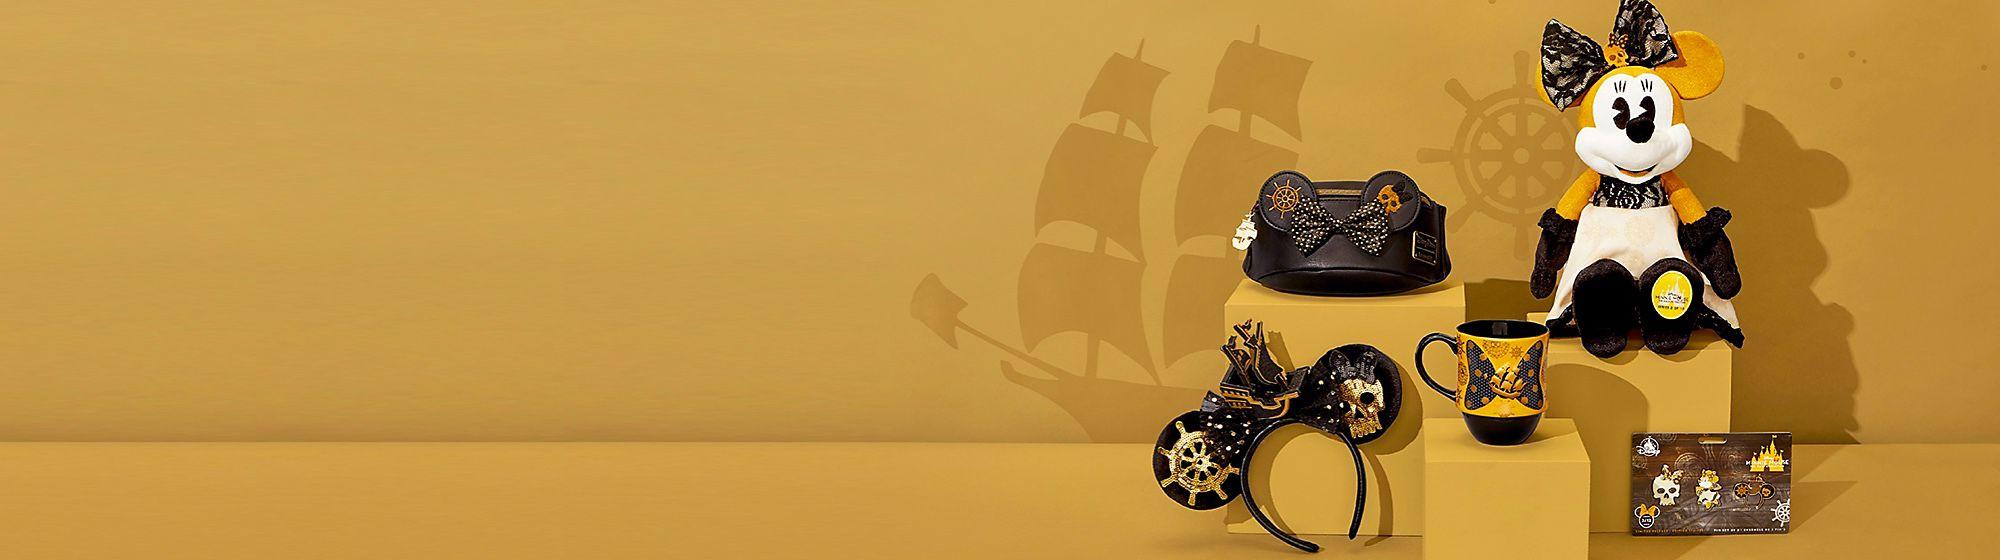 Pirates des Caraïbes | Série 2 Mettez les voiles avec notre incroyable collection Sortie le 18 février EN SAVOIR PLUS